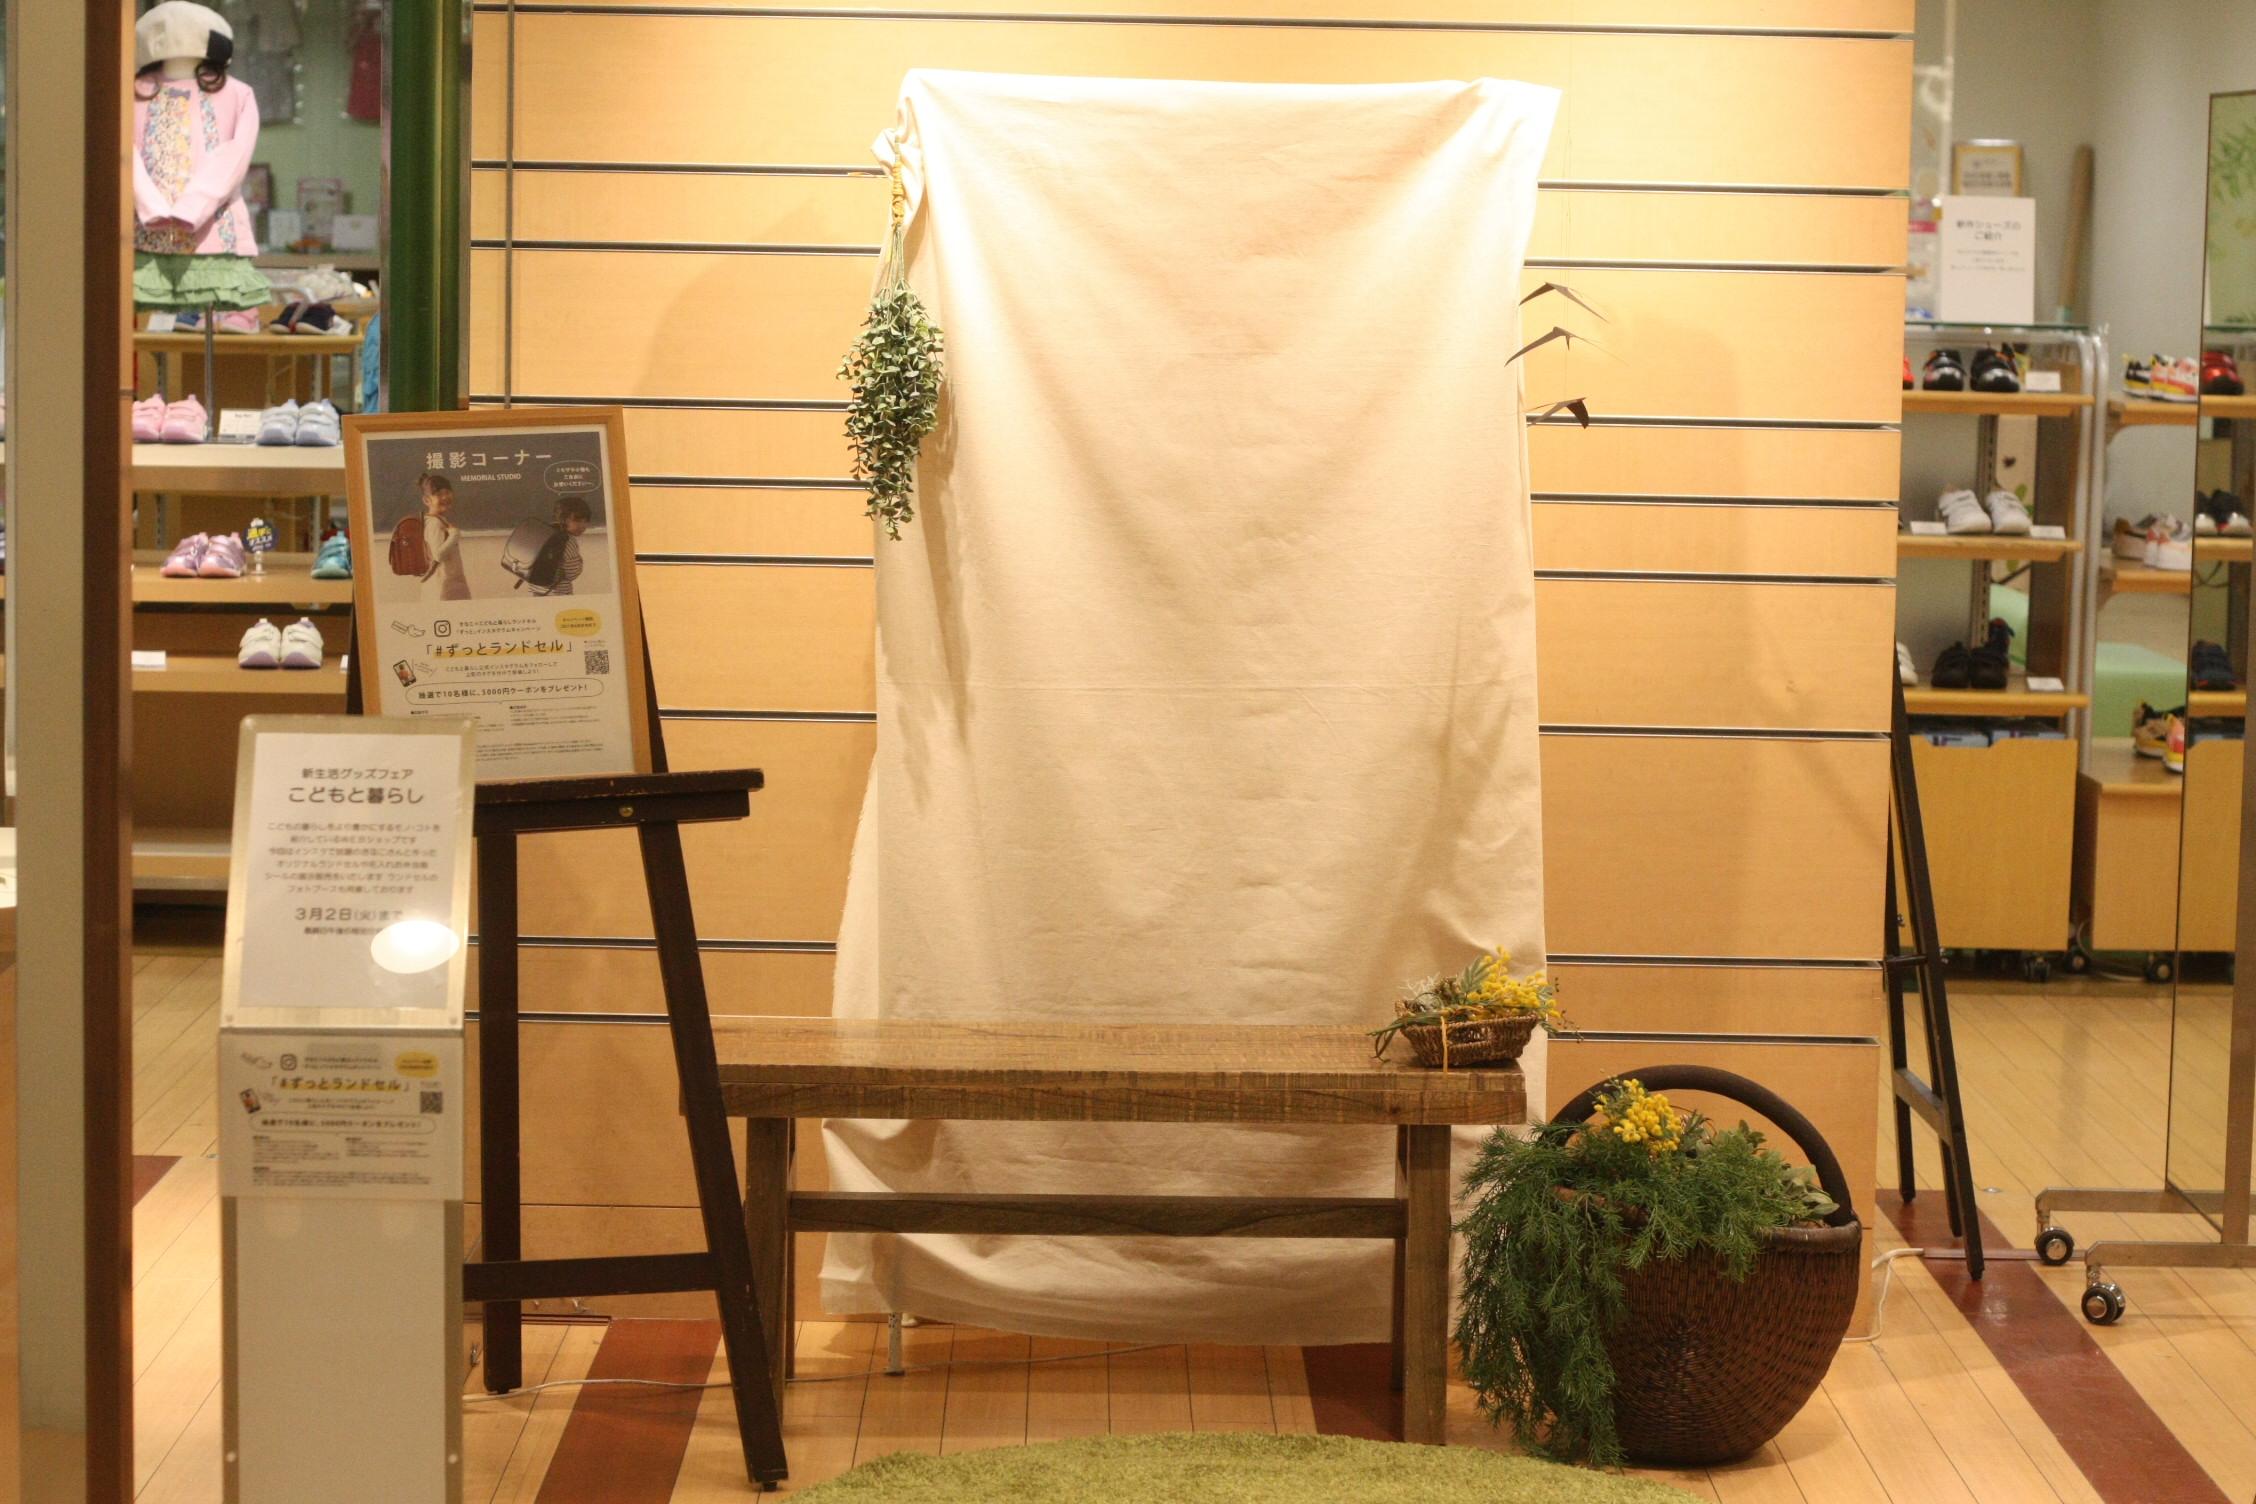 伊勢丹浦和店での展示販売中のずっとランドセルのフォトブース